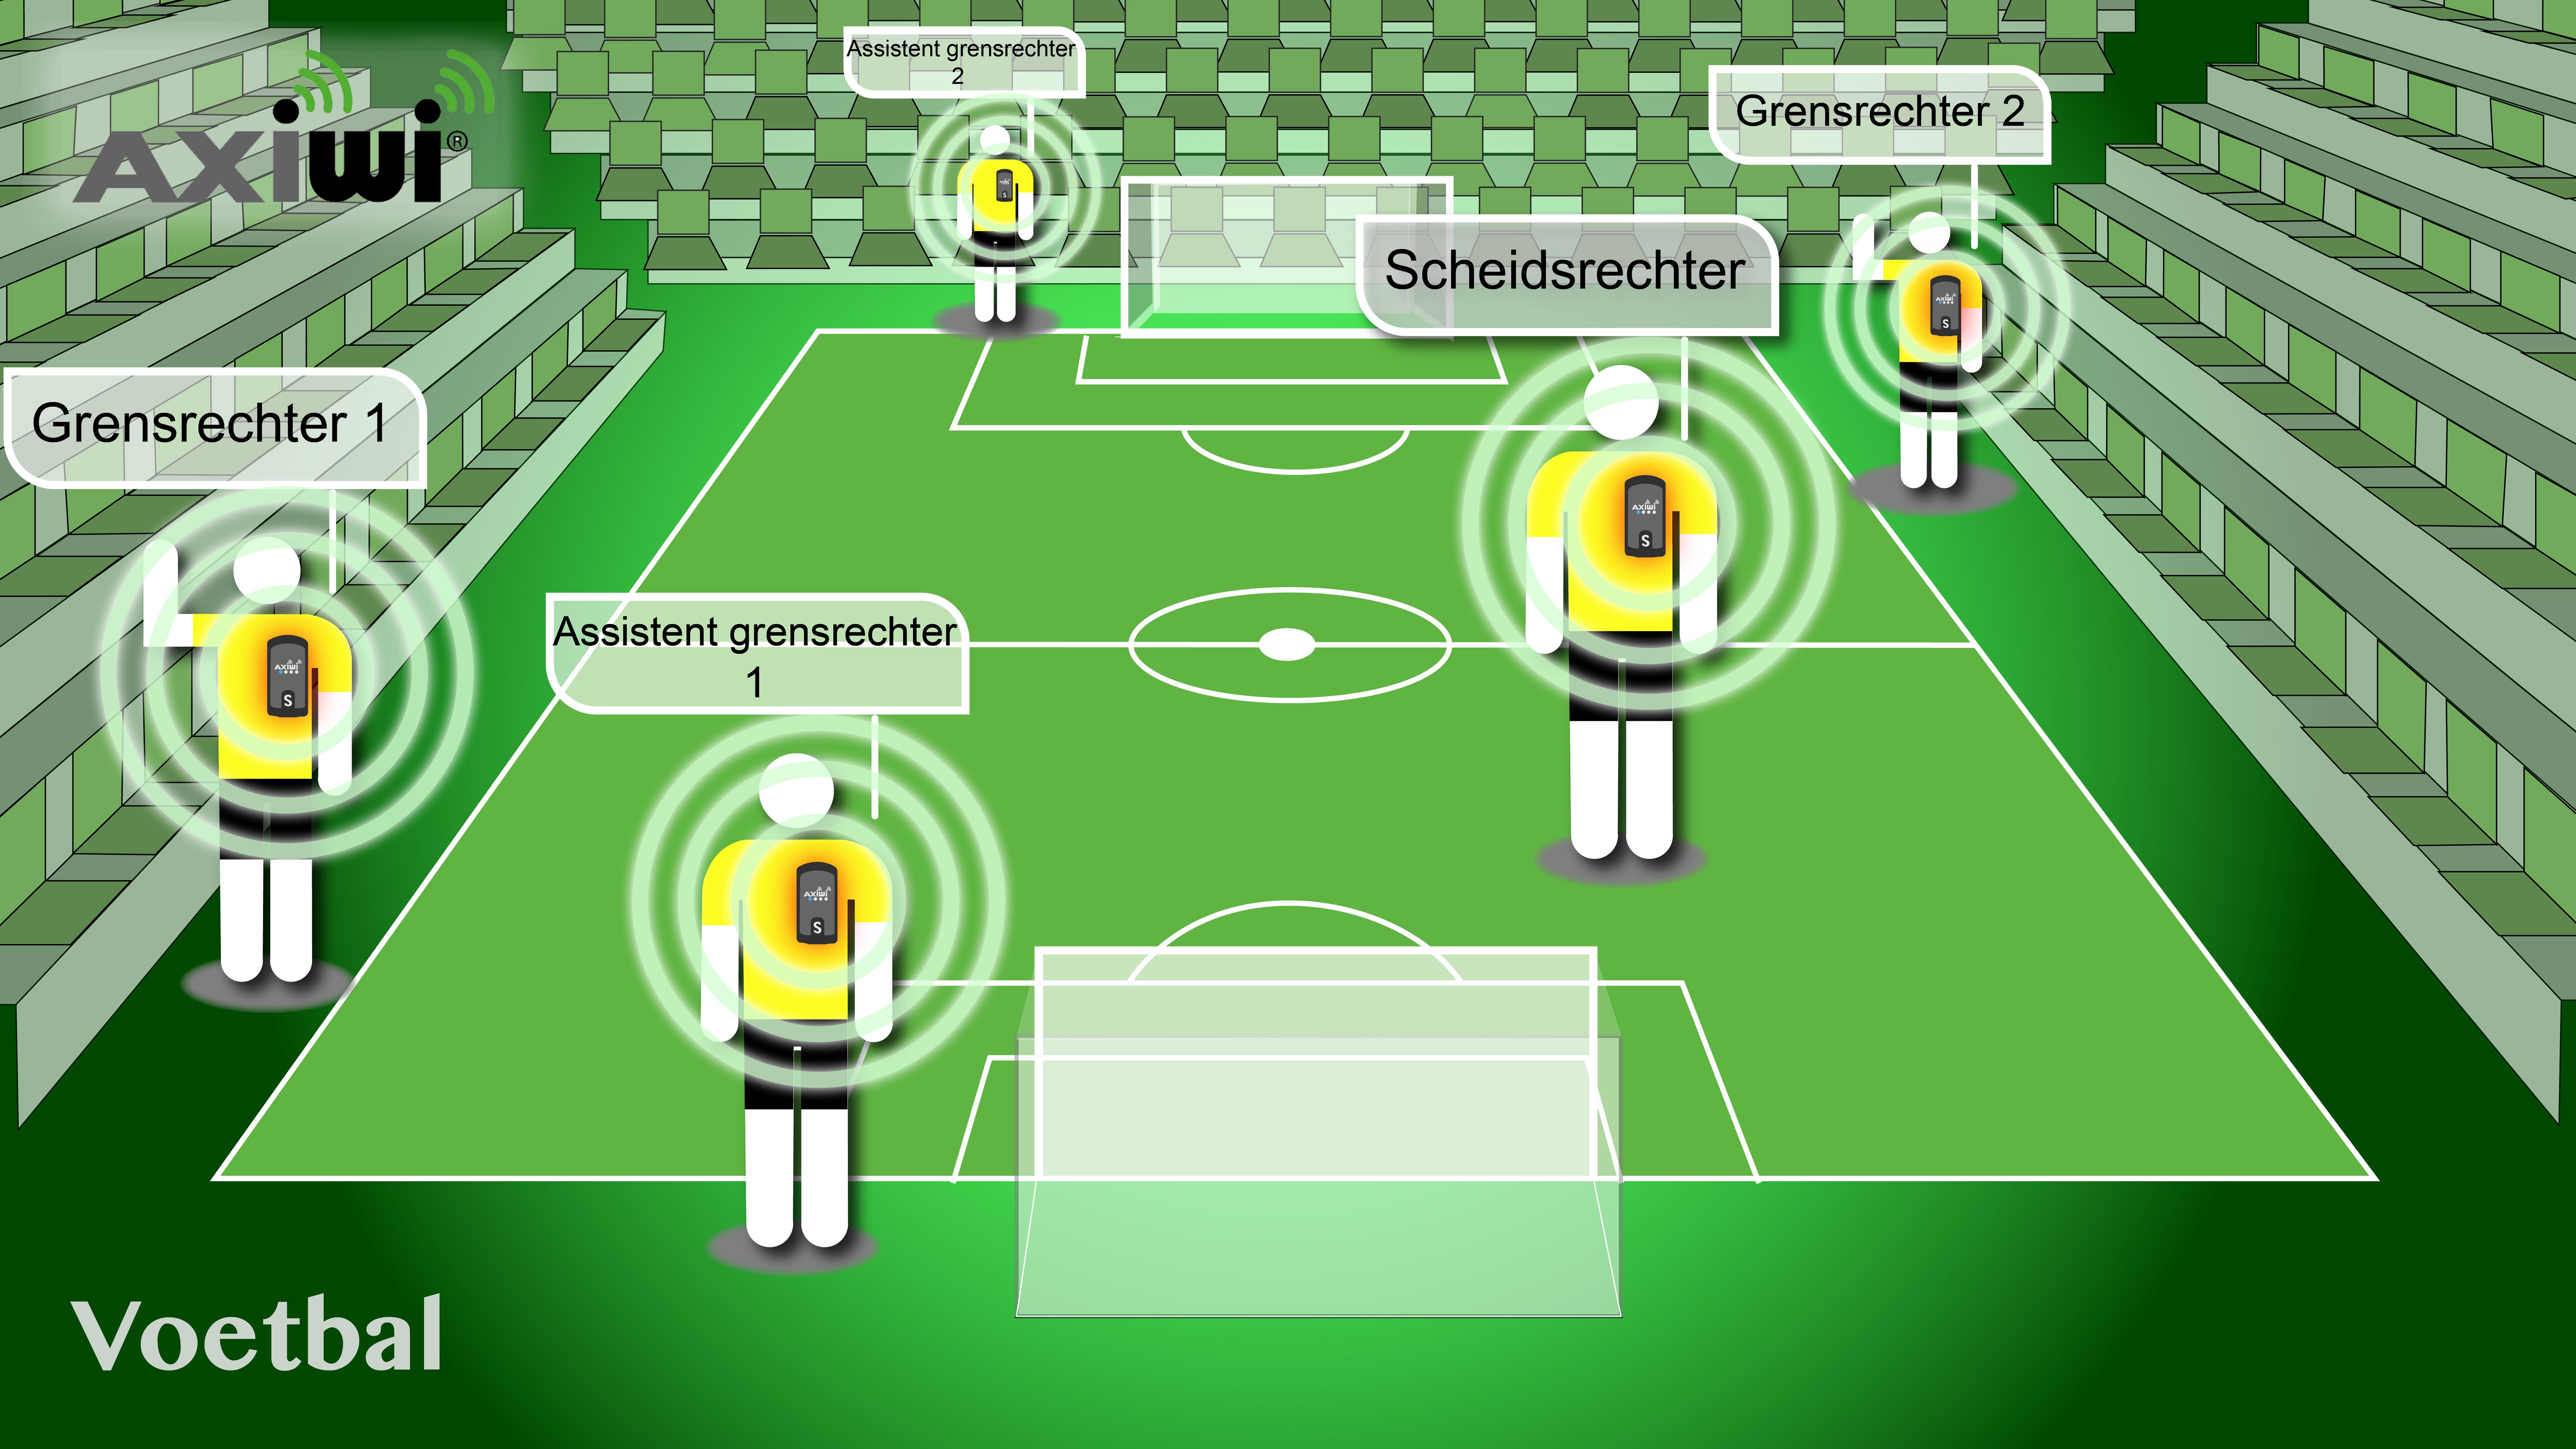 axiwi-communicatie-systeem-scheidsrechter-voetbal